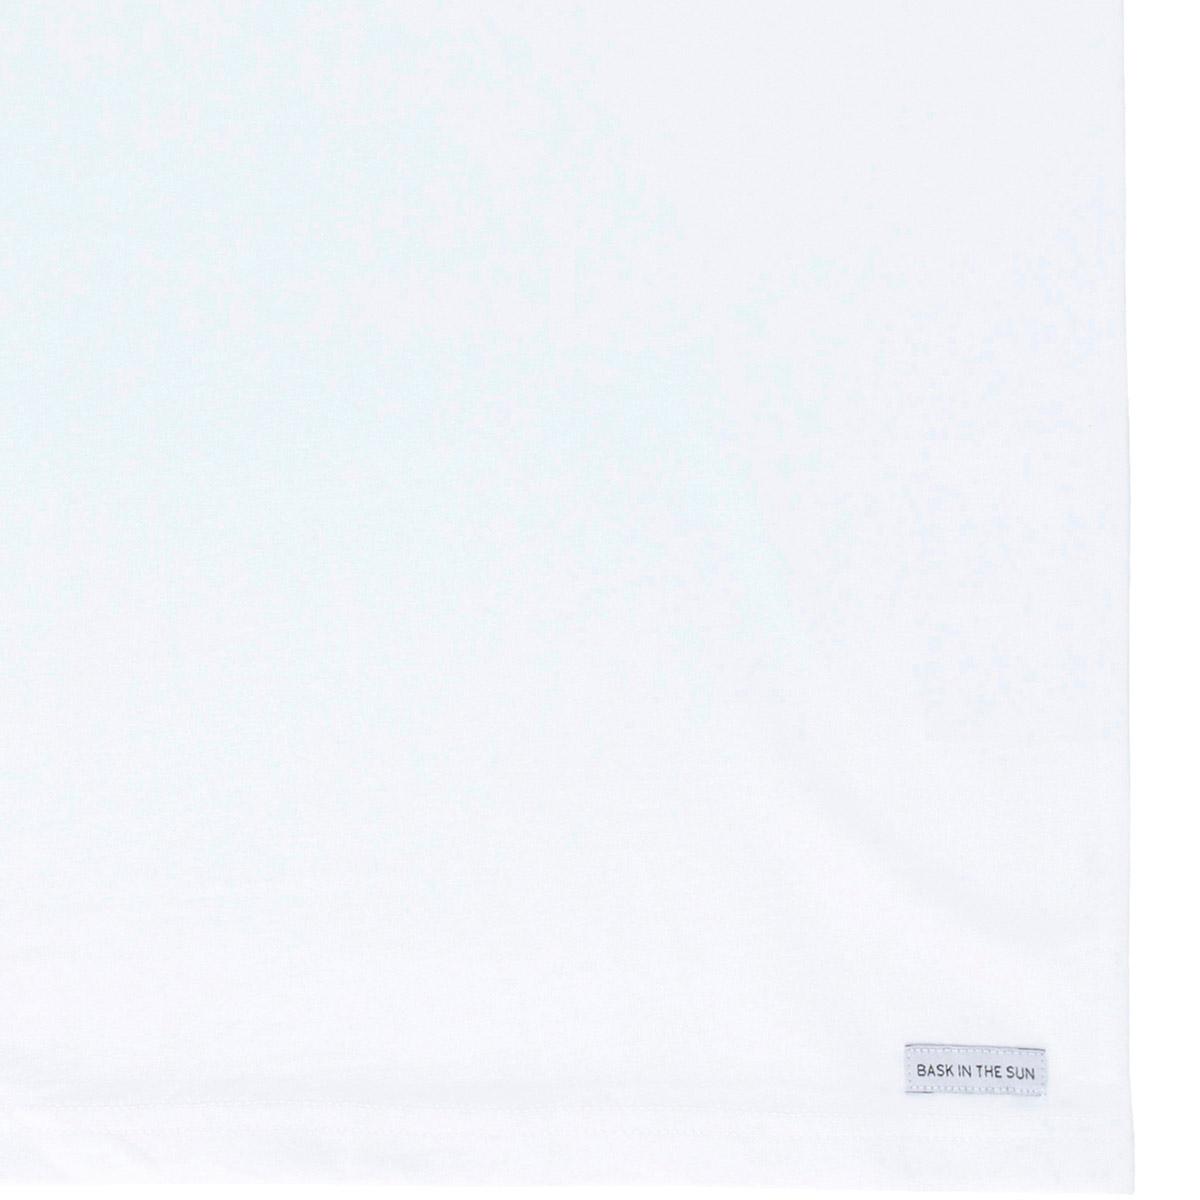 T-shirt en coton bio white poussin - Bask in the Sun num 3